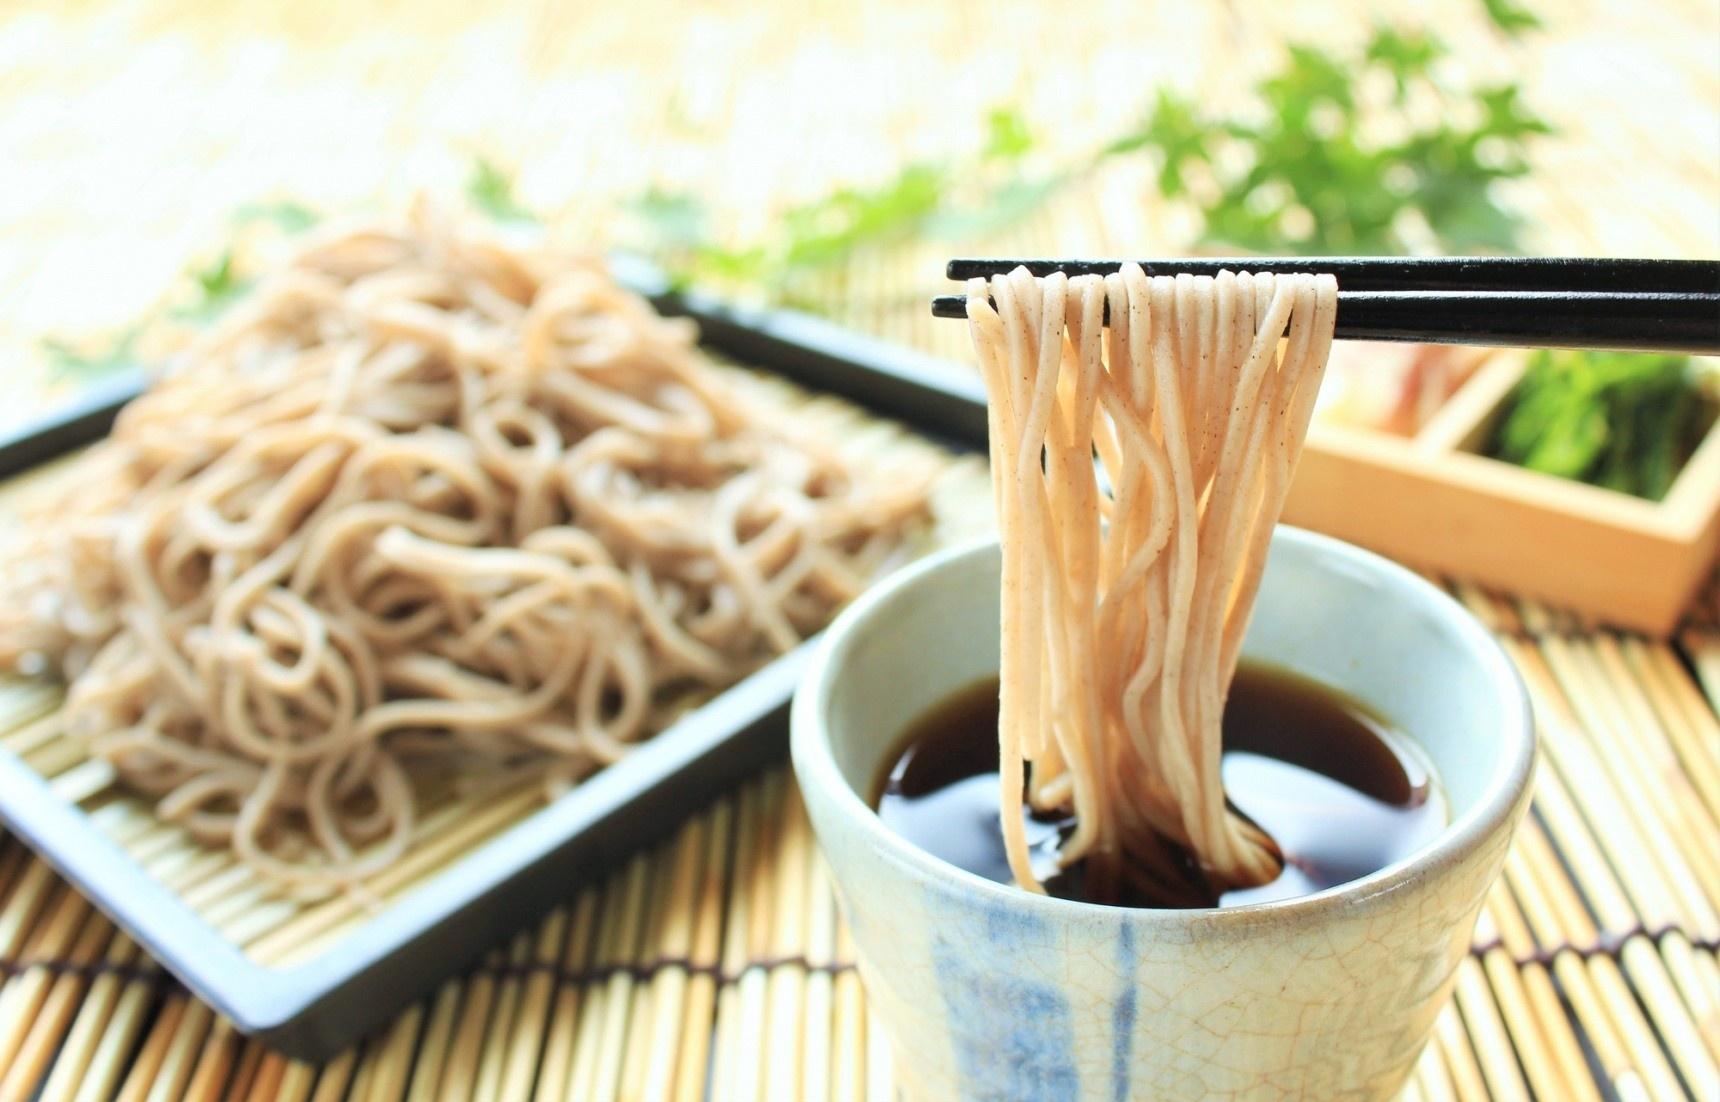 日本美食:暑气全消无敌清凉荞麦沾面!(附超养生荞麦知识)